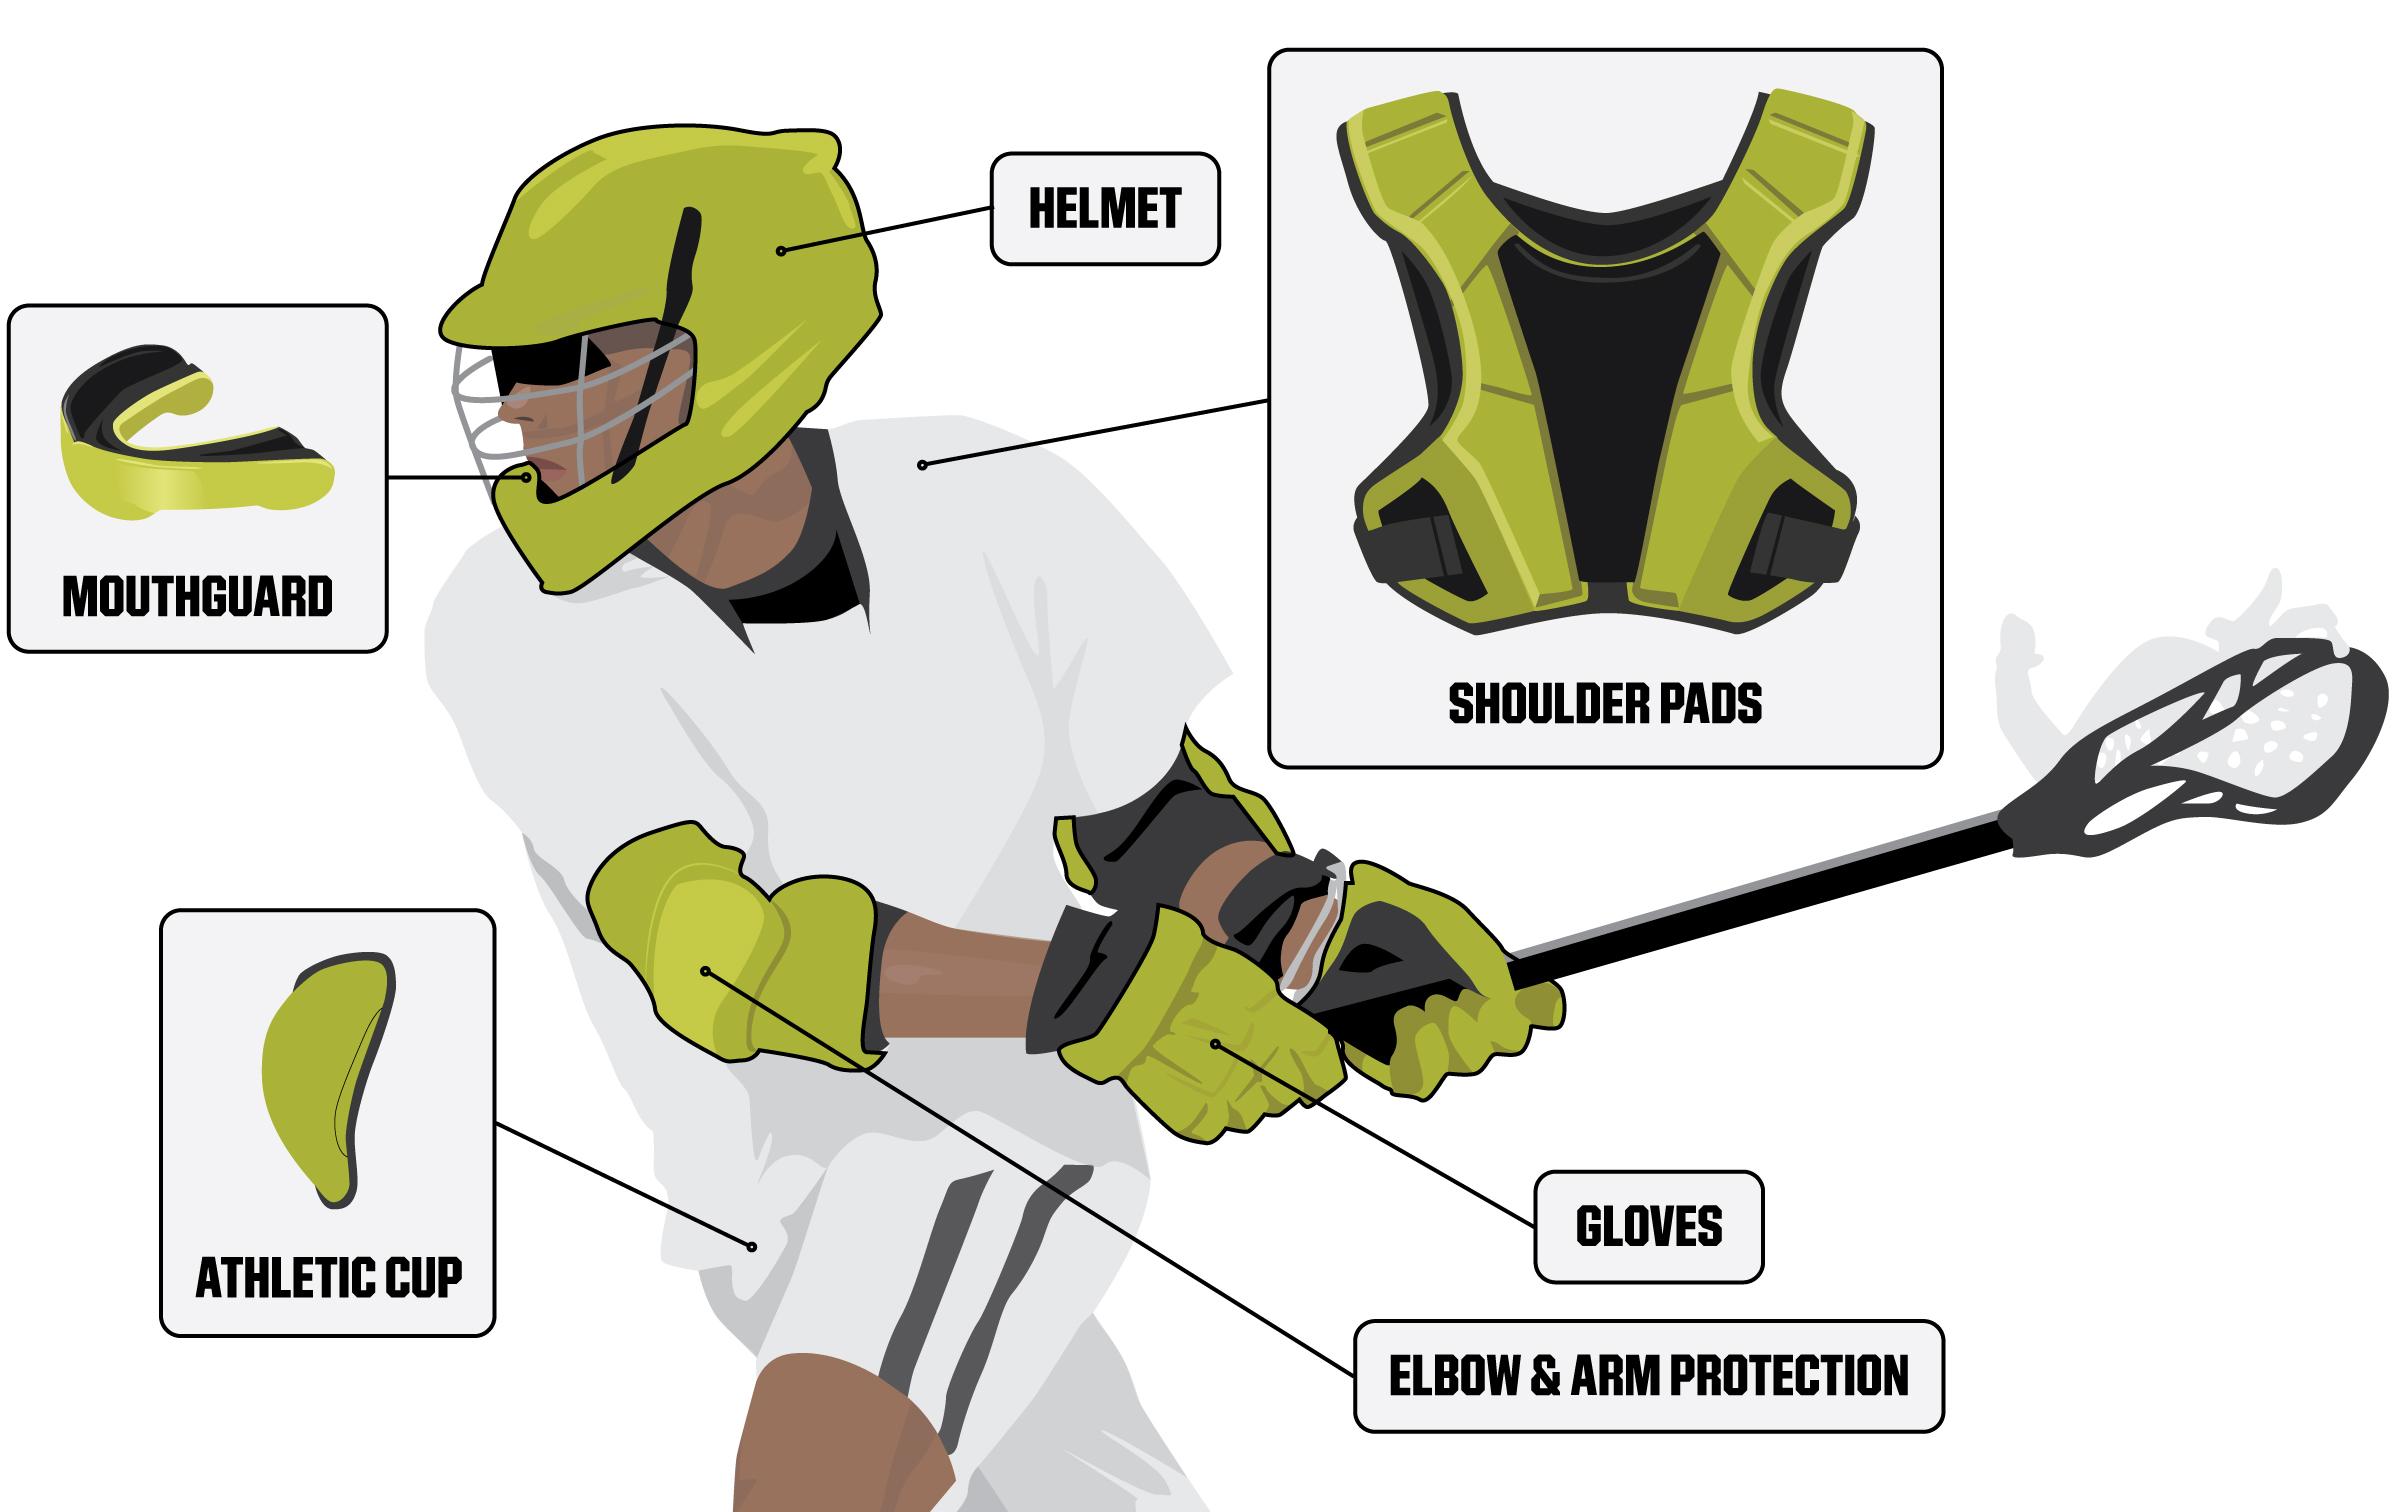 Mens-Lacrosse-Protective-Gear-Breakdown